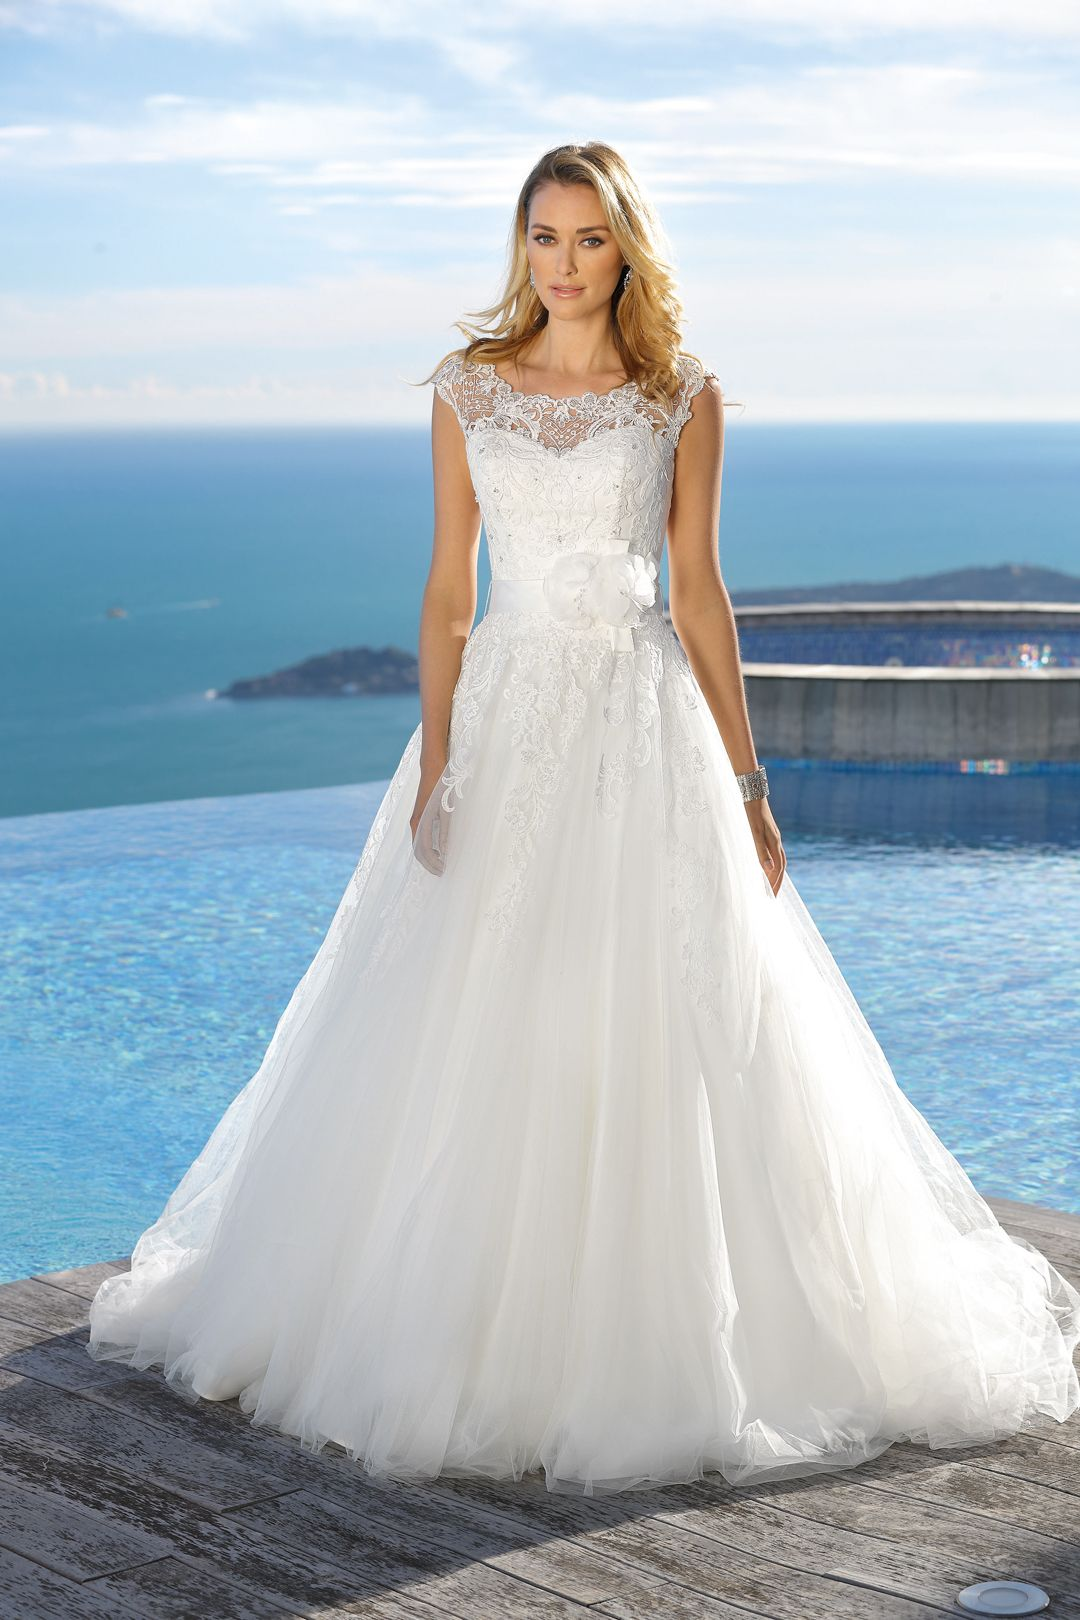 Ladybird 2019 Brautkleid 419012 Brautmode Hochzeitskleid Ladybird Hochzeitskleid